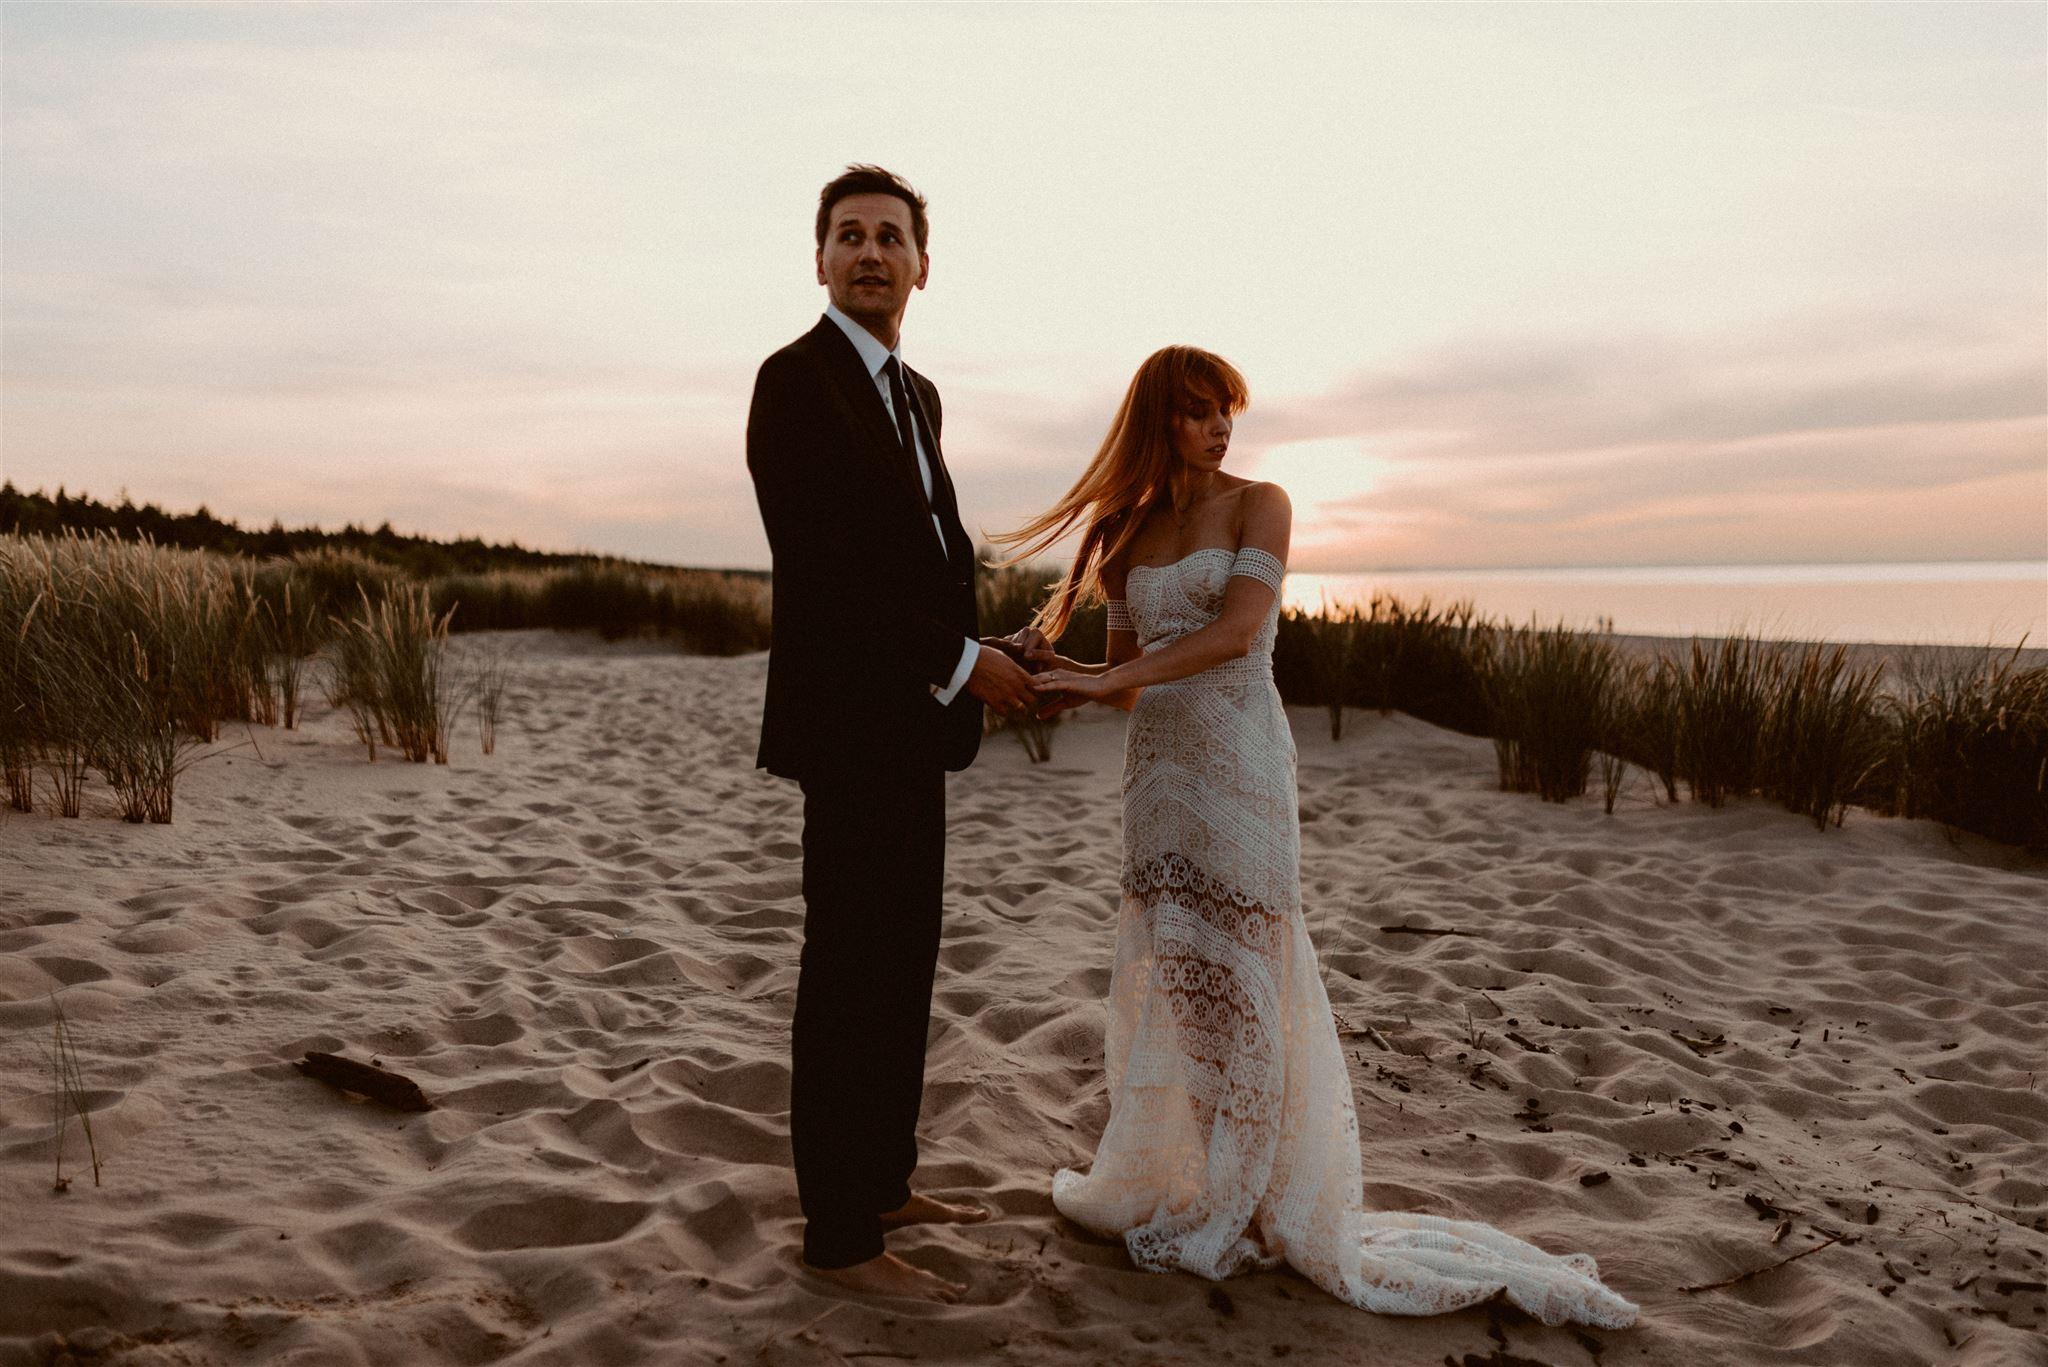 Nasza osobista sesja poślubna! 8 DSC 6459 2 websize